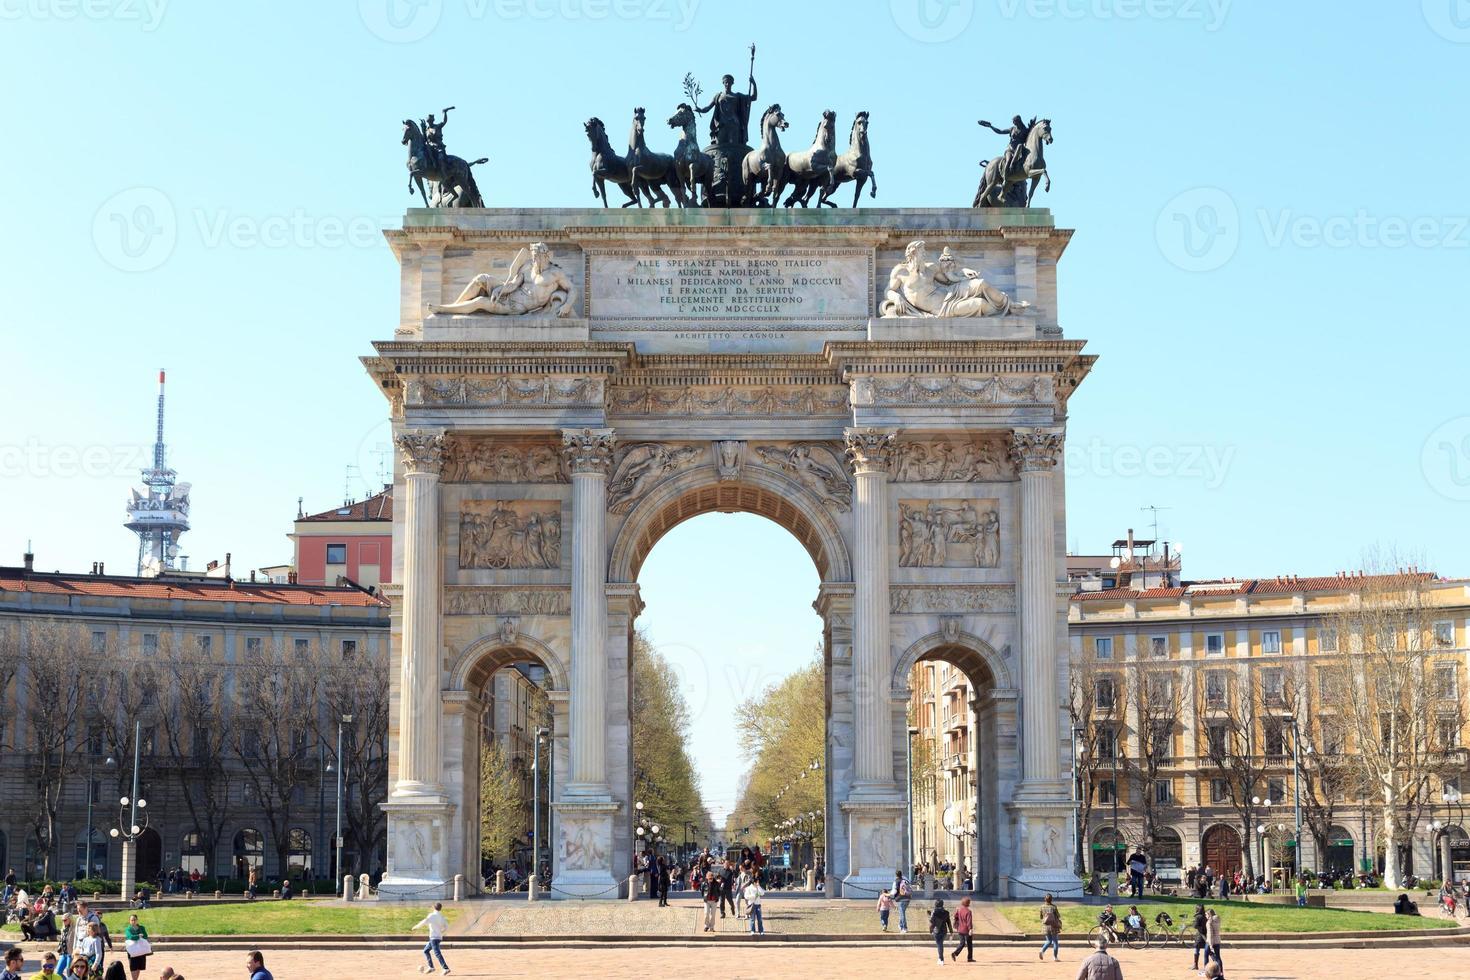 porta sempione / arco de paz en milán foto